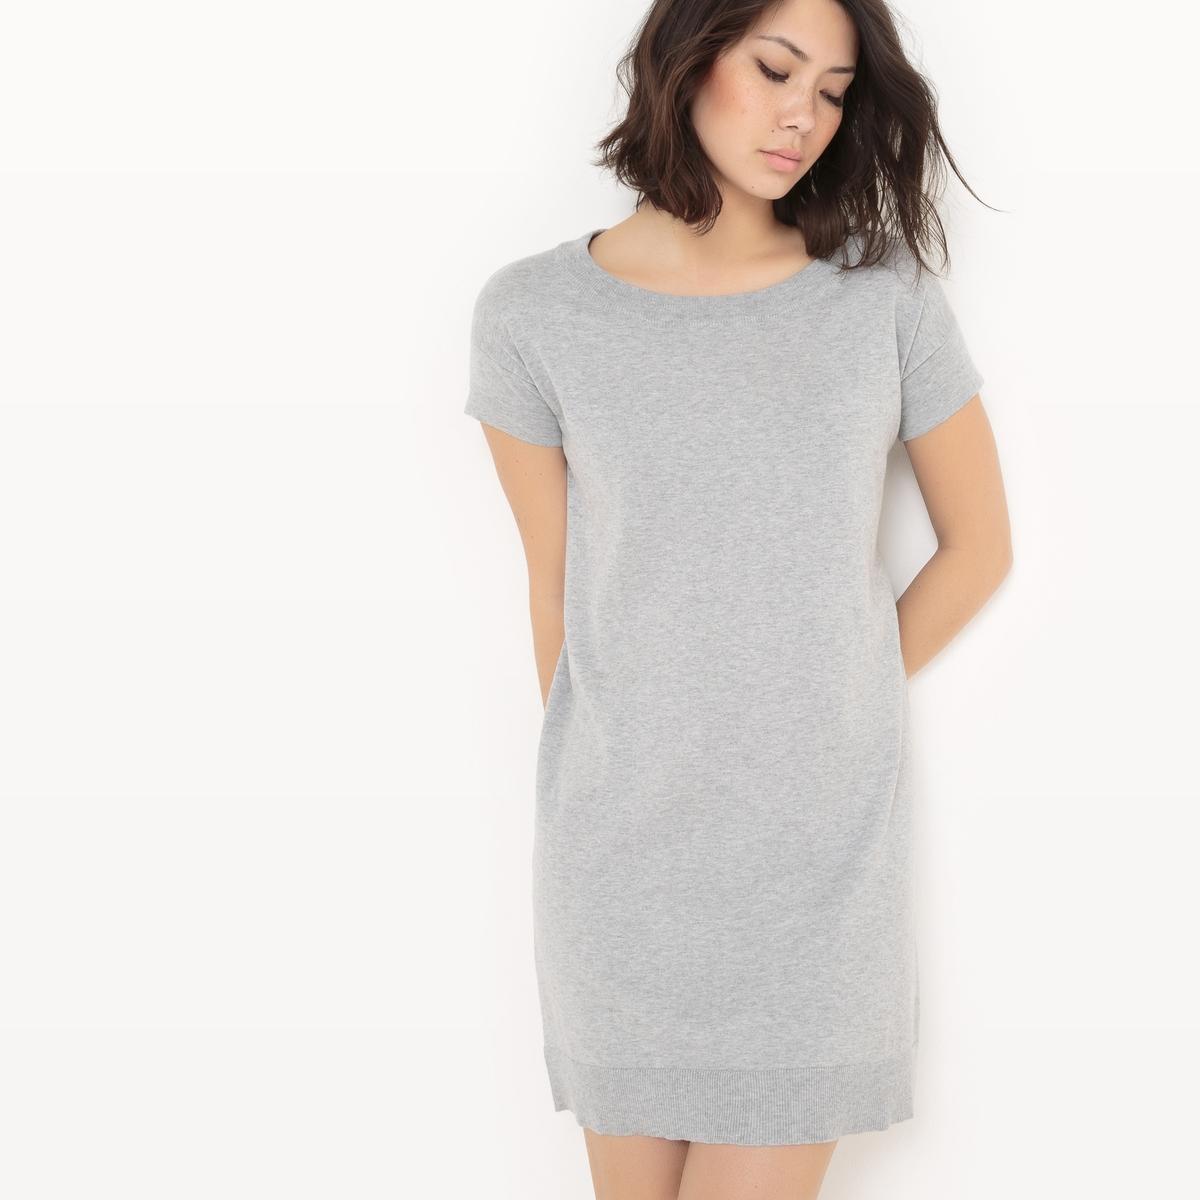 Платье-пуловер из хлопка/шелкаПлатье-пуловер с короткими рукавами . Круглый вырез. Полноценная застежка на пуговицы сзади.                      Состав и описание                                  Материал            70% хлопка, 20% полиамида, 10% шелка             Длина: 90 см.                            Уход             Ручная стирка             Стирать и гладить с изнаночной стороны             Сухая чистка и отбеливание запрещены             Машинная сушка запрещена             Гладить при низкой температуре<br><br>Цвет: светло-розовый,серый меланж,черный<br>Размер: S.XXL.M.L.M.S.XXL.M